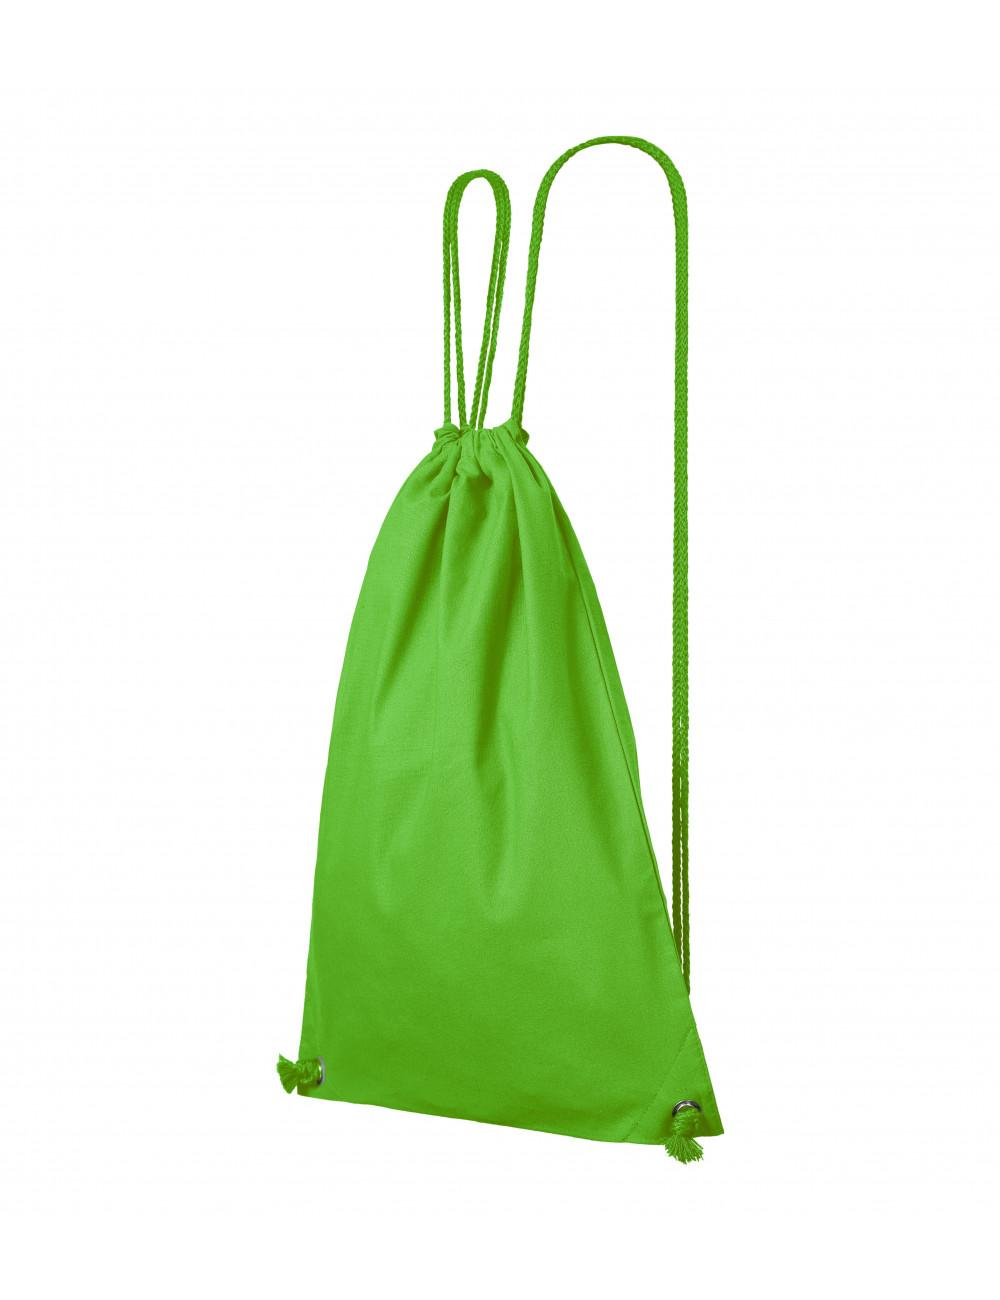 Adler MALFINI Plecak unisex Easygo 922 green apple